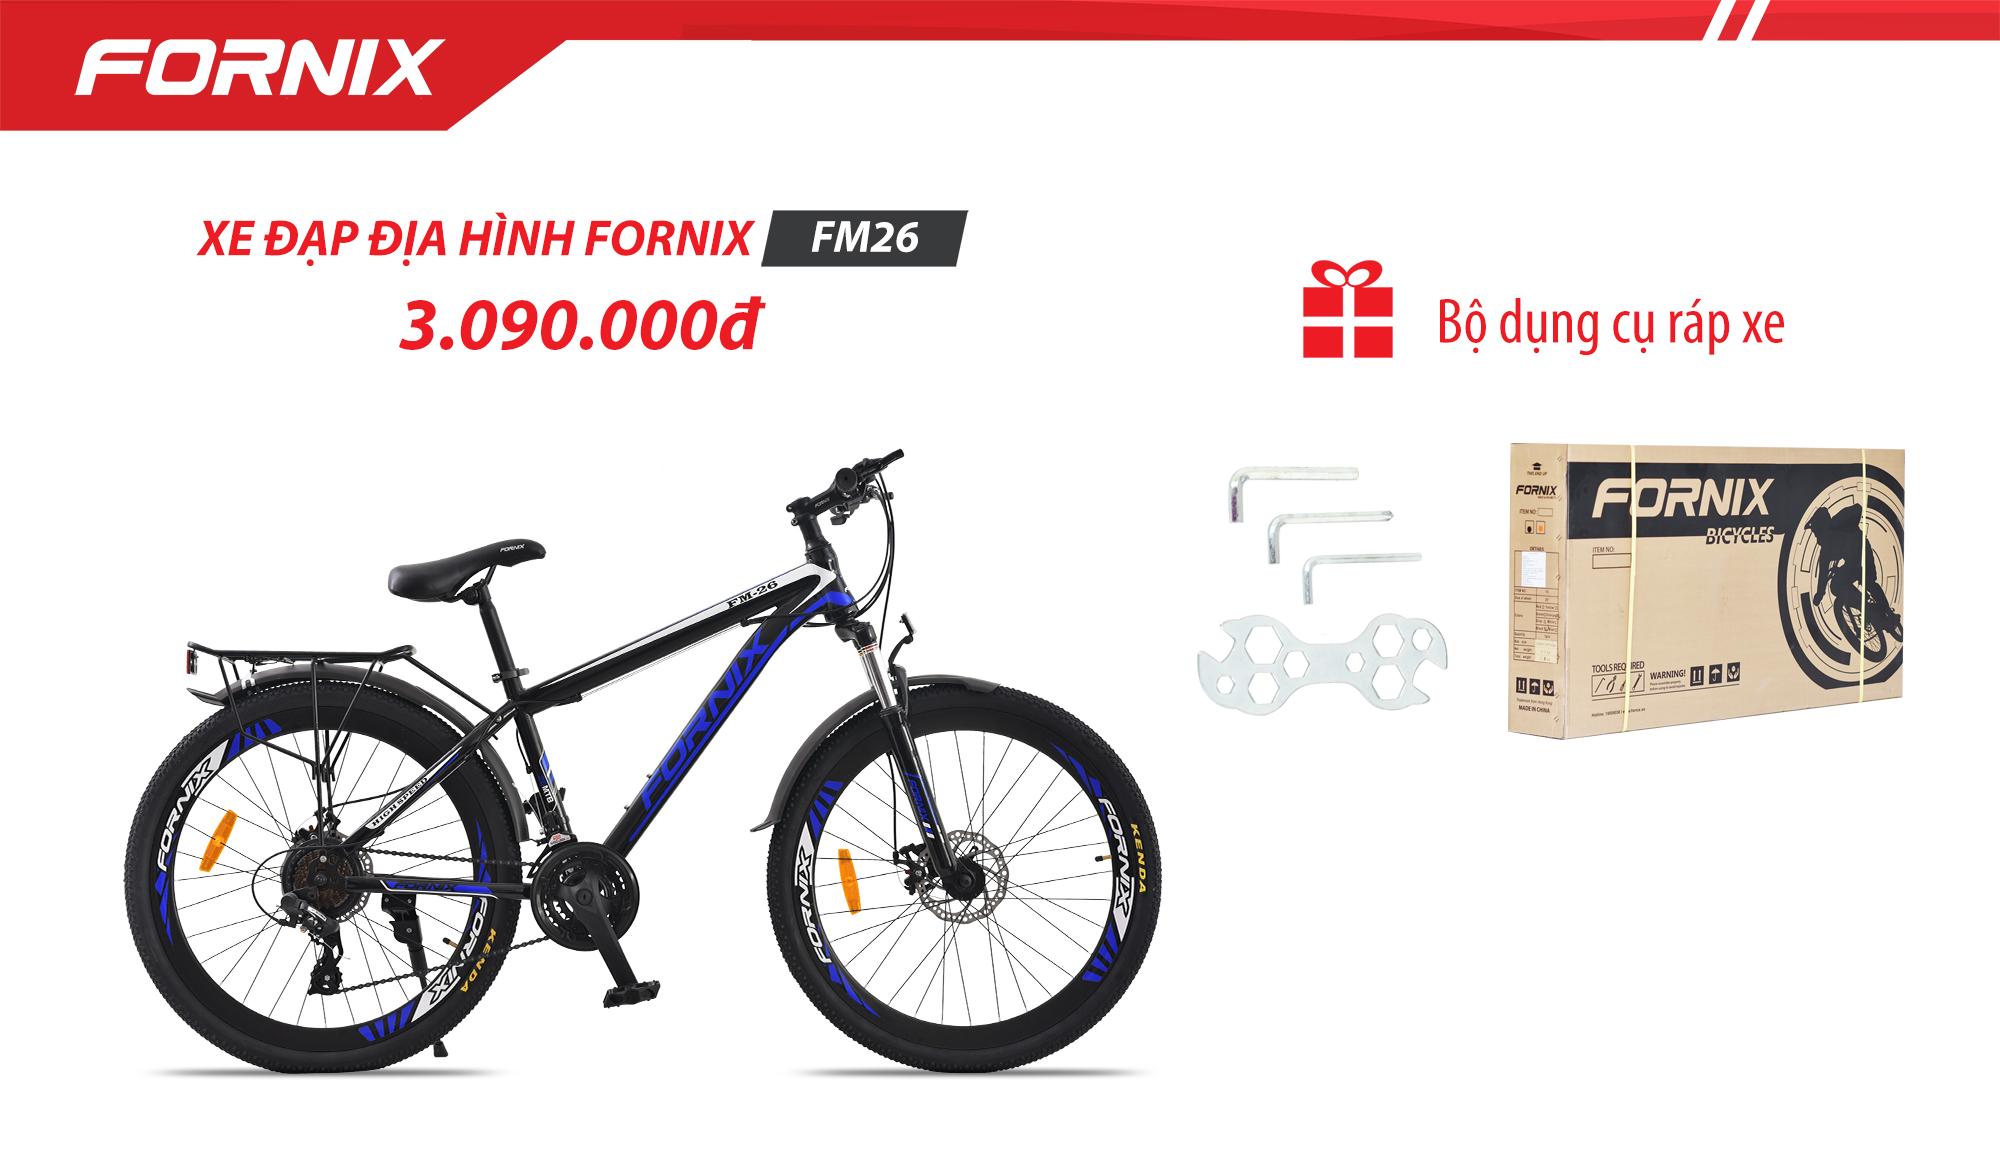 Xe đạp địa hình thể thao Fornix FM26 (Kèm bọ dụng cụ lắp ráp ) - Bảo hành 12 tháng